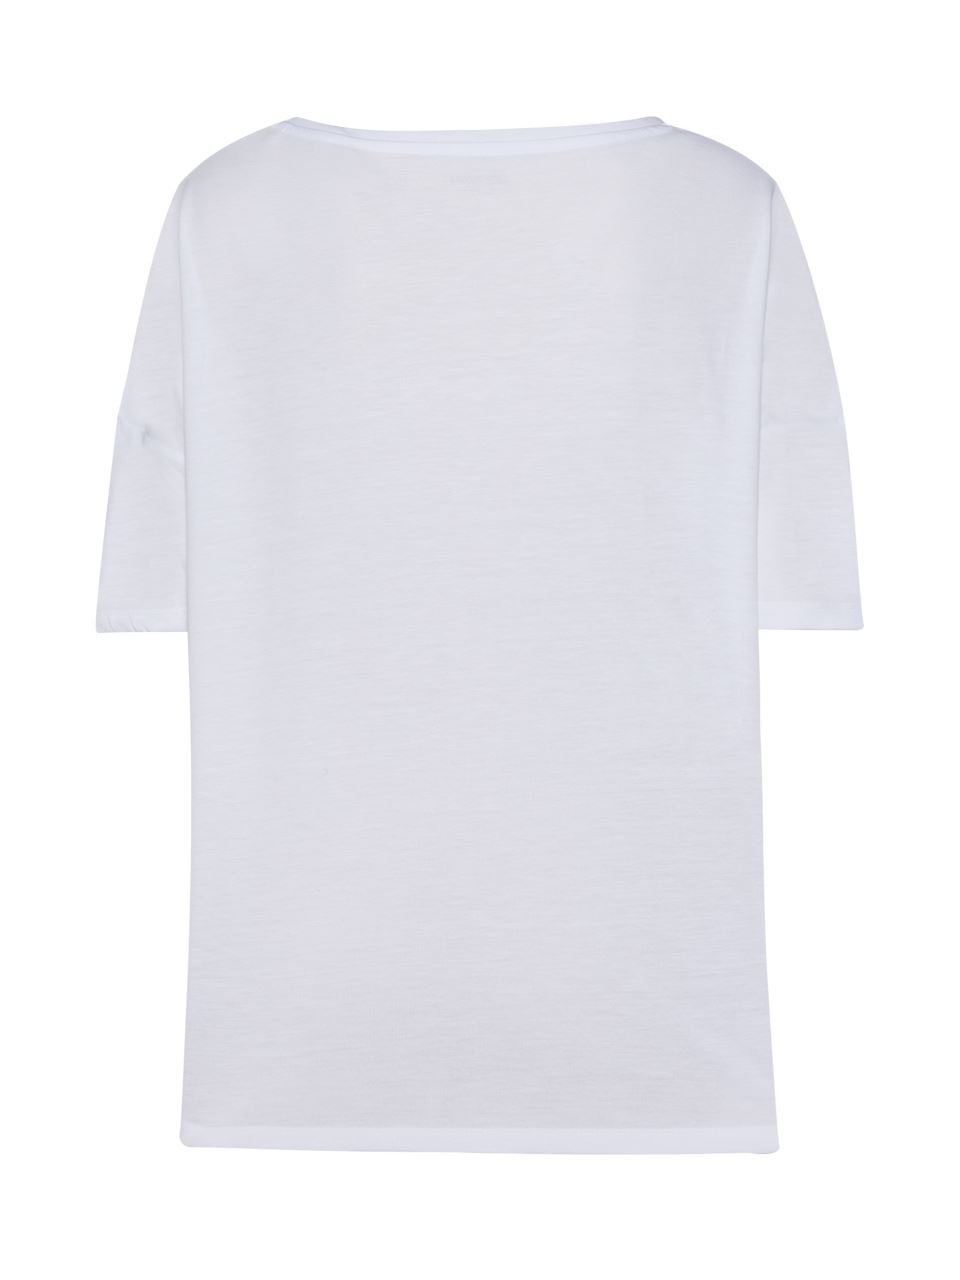 Galatasaray Kadın T-shirt K191148